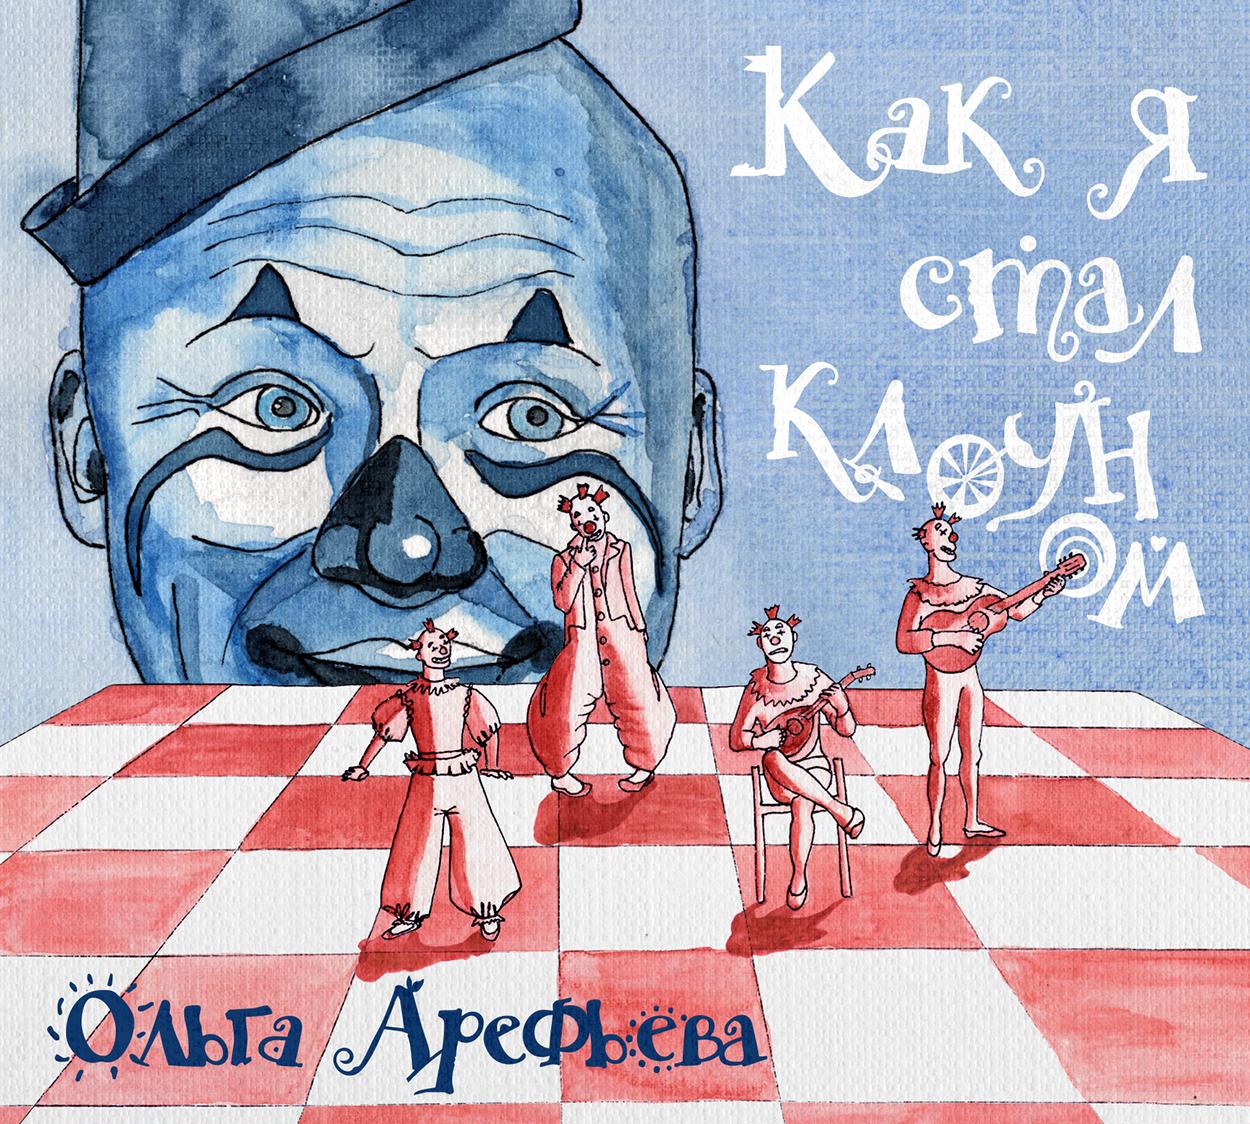 Ольга Арефьева - новый альбом Как я стал клоуном 2020